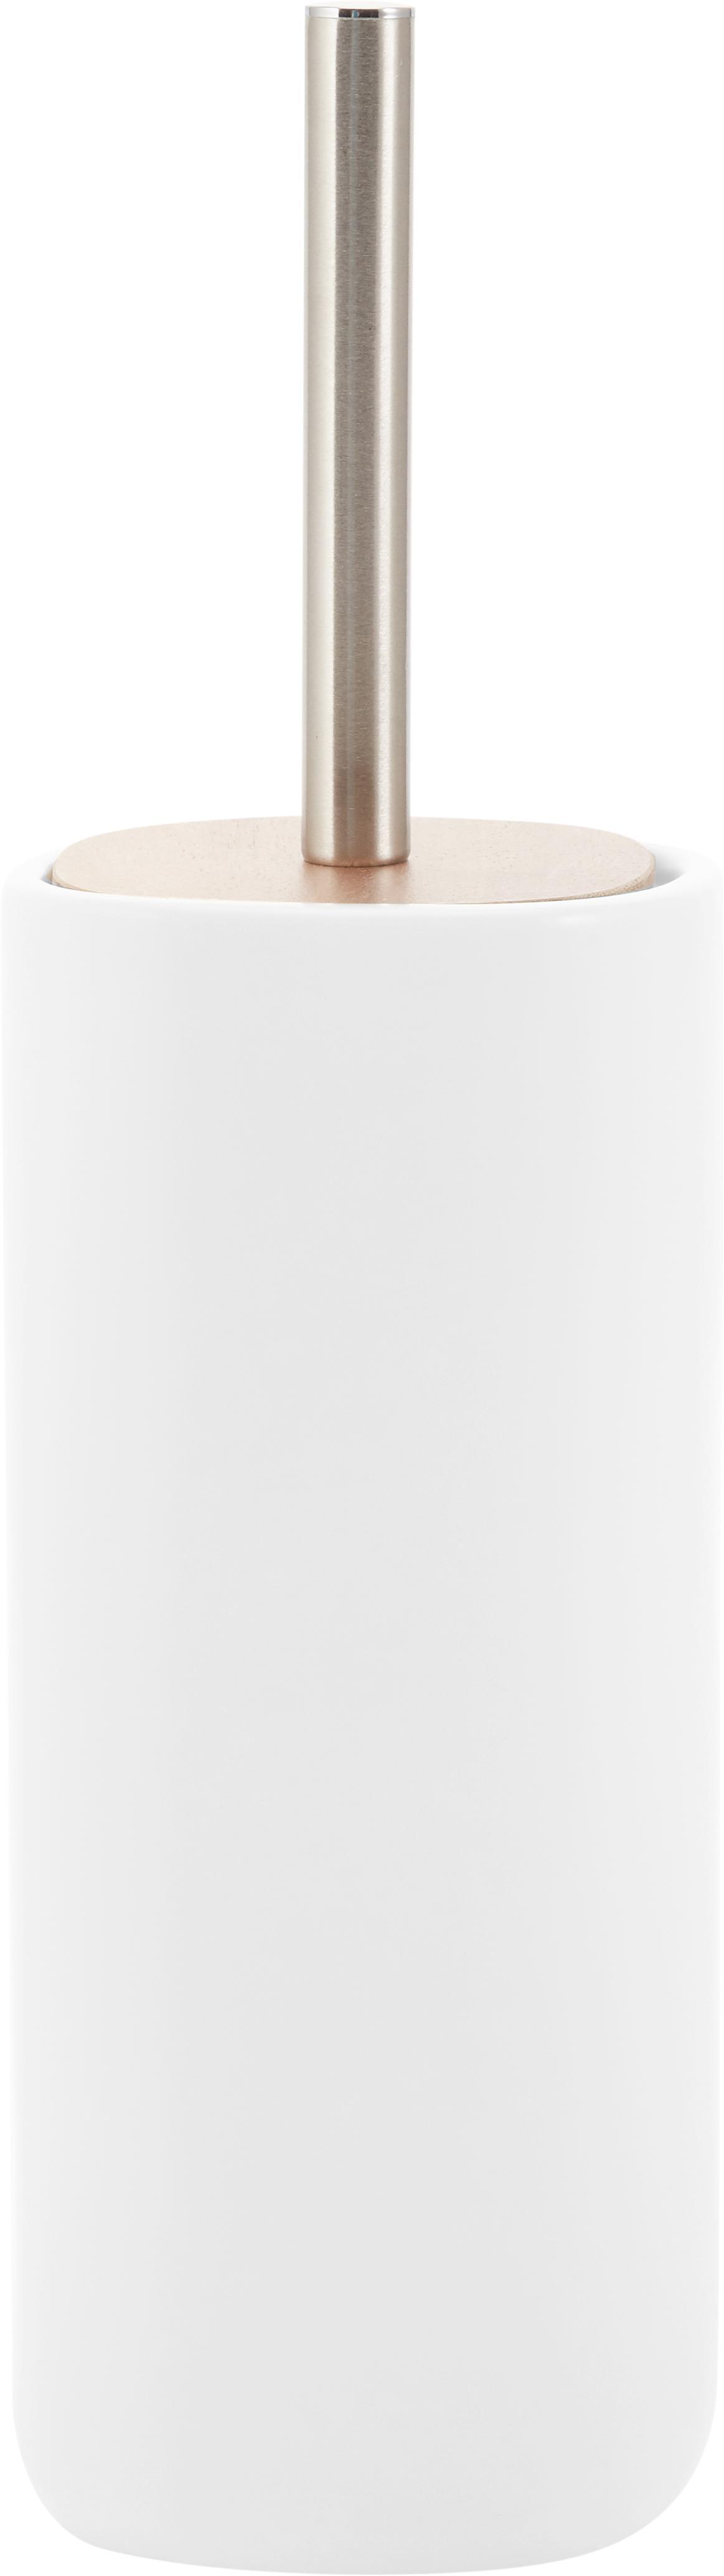 Scopino con coperchio in legno di acacia Wili, Contenitore: ceramica, Coperchio: legno d'acacia, Maniglia: acciaio inossidabile, cro, Bianco, legno d'acacia, Ø 11 x Alt. 37 cm